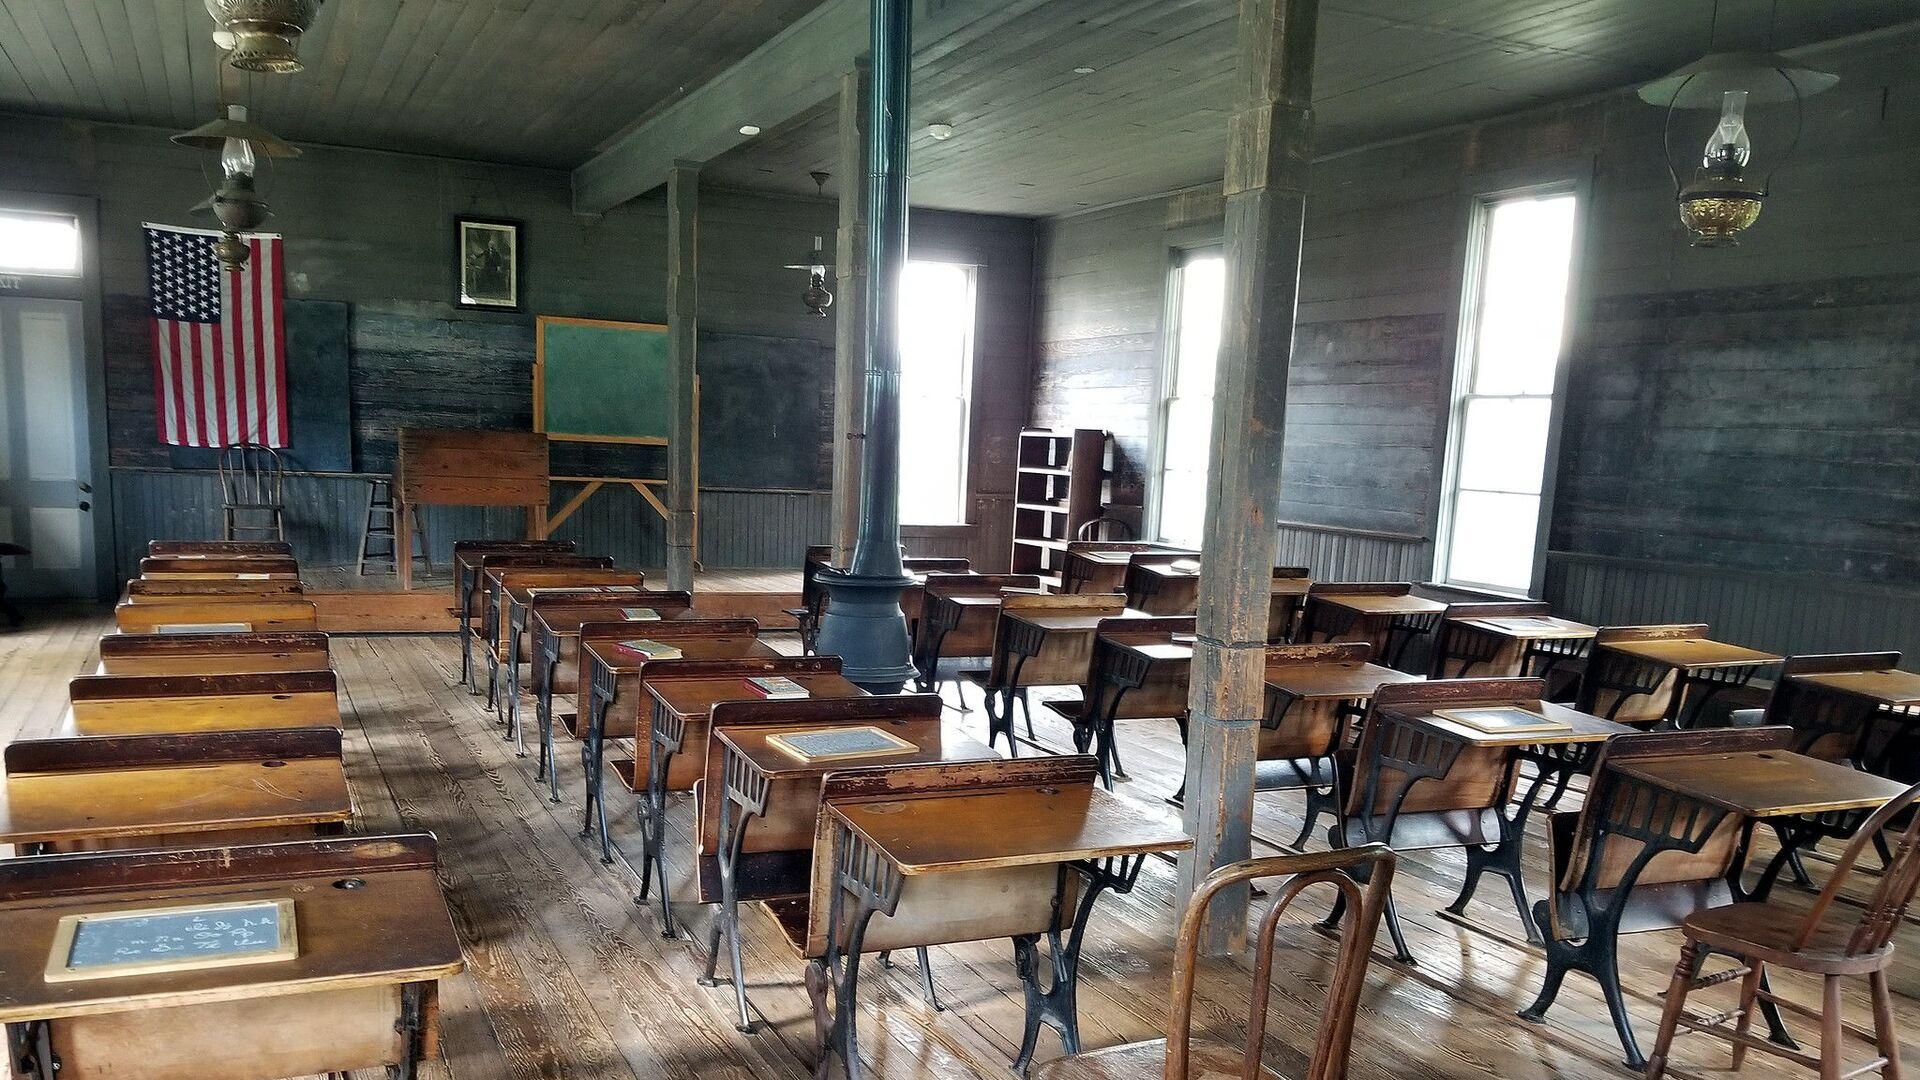 Prazna učionica u školi u Americi - Sputnik Srbija, 1920, 11.08.2021